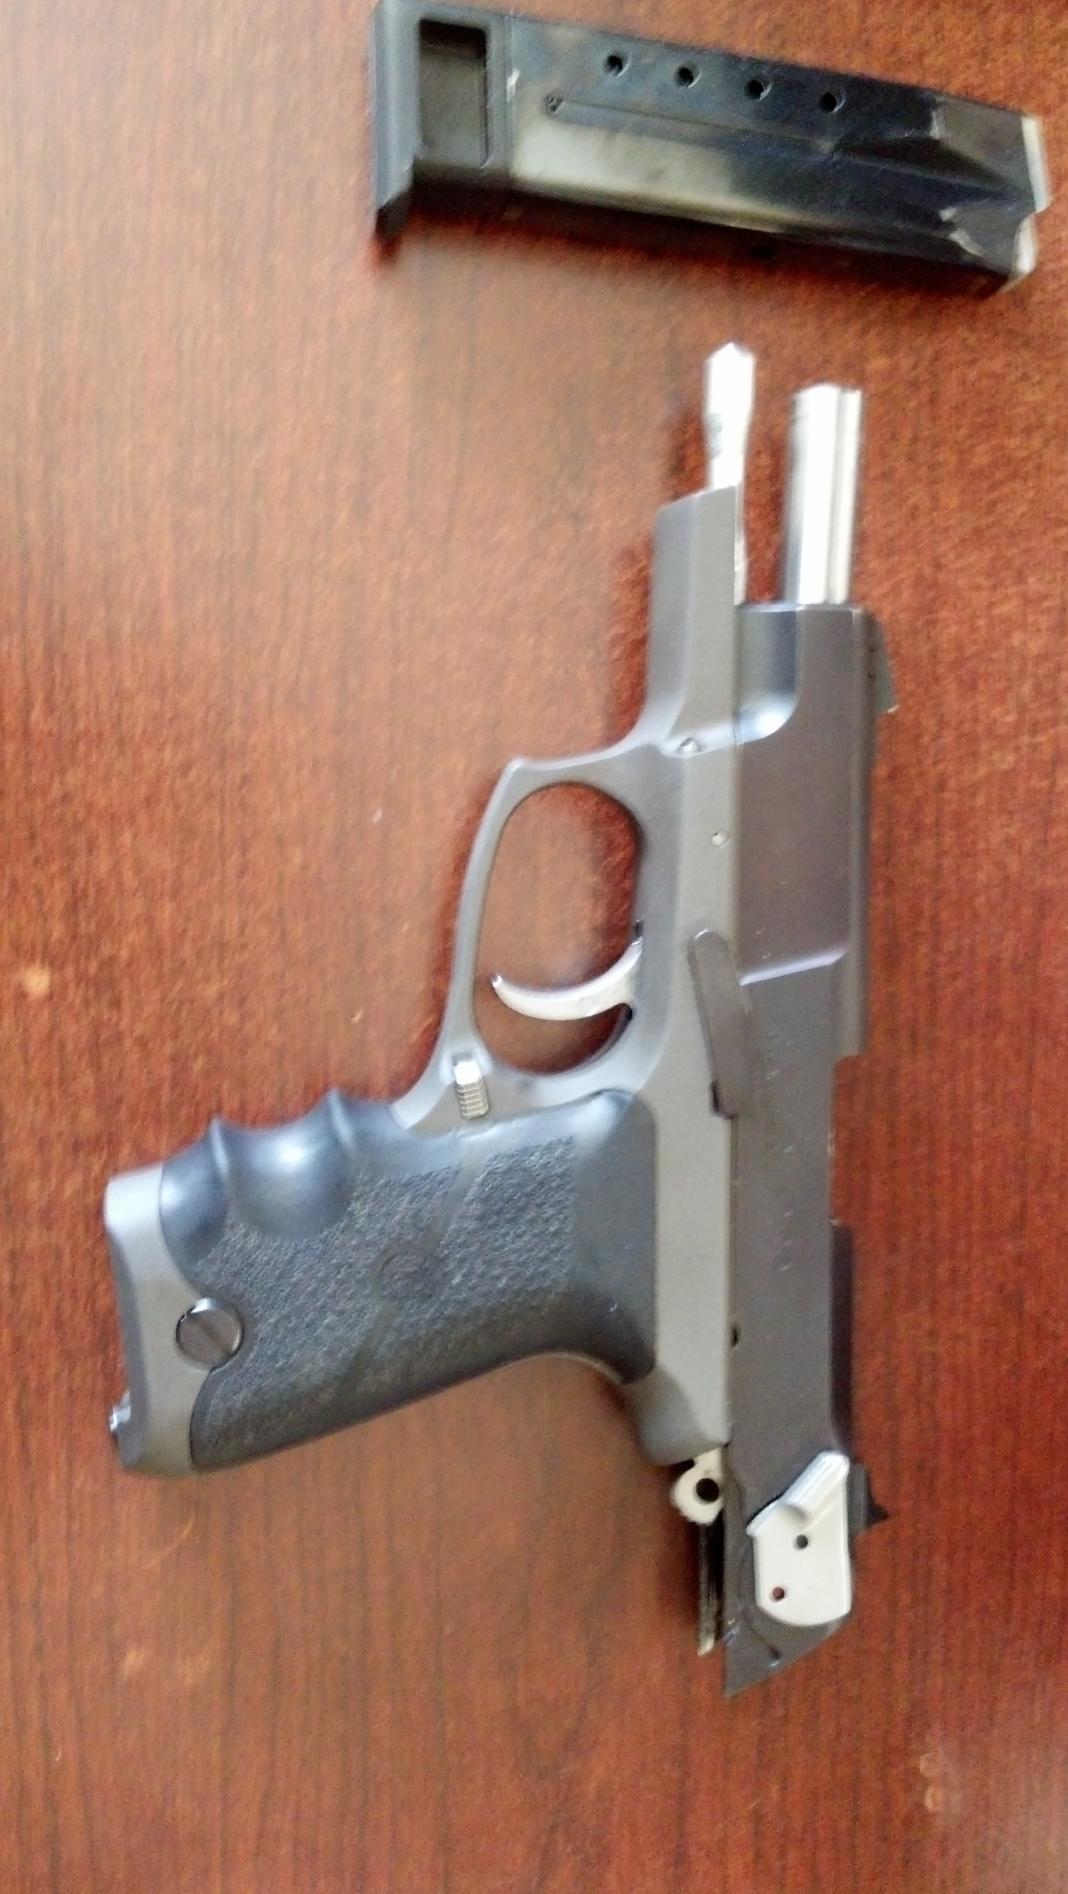 Breech Face erosion on a new Glock? | Northwest Firearms